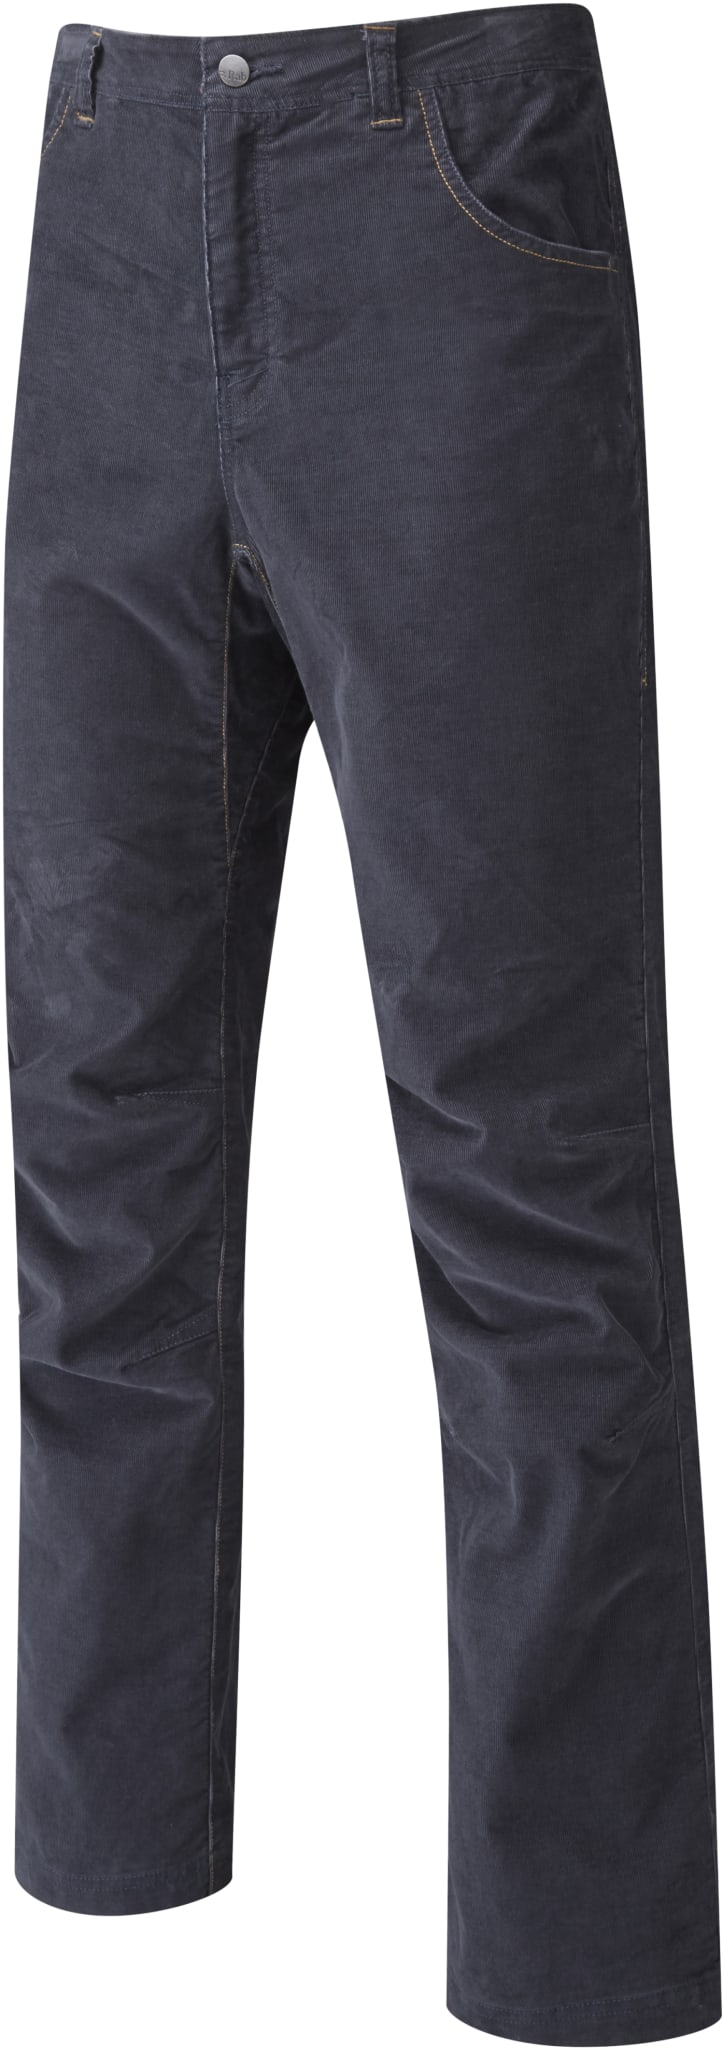 Klassisk, stretchy bukse i kordfløyel